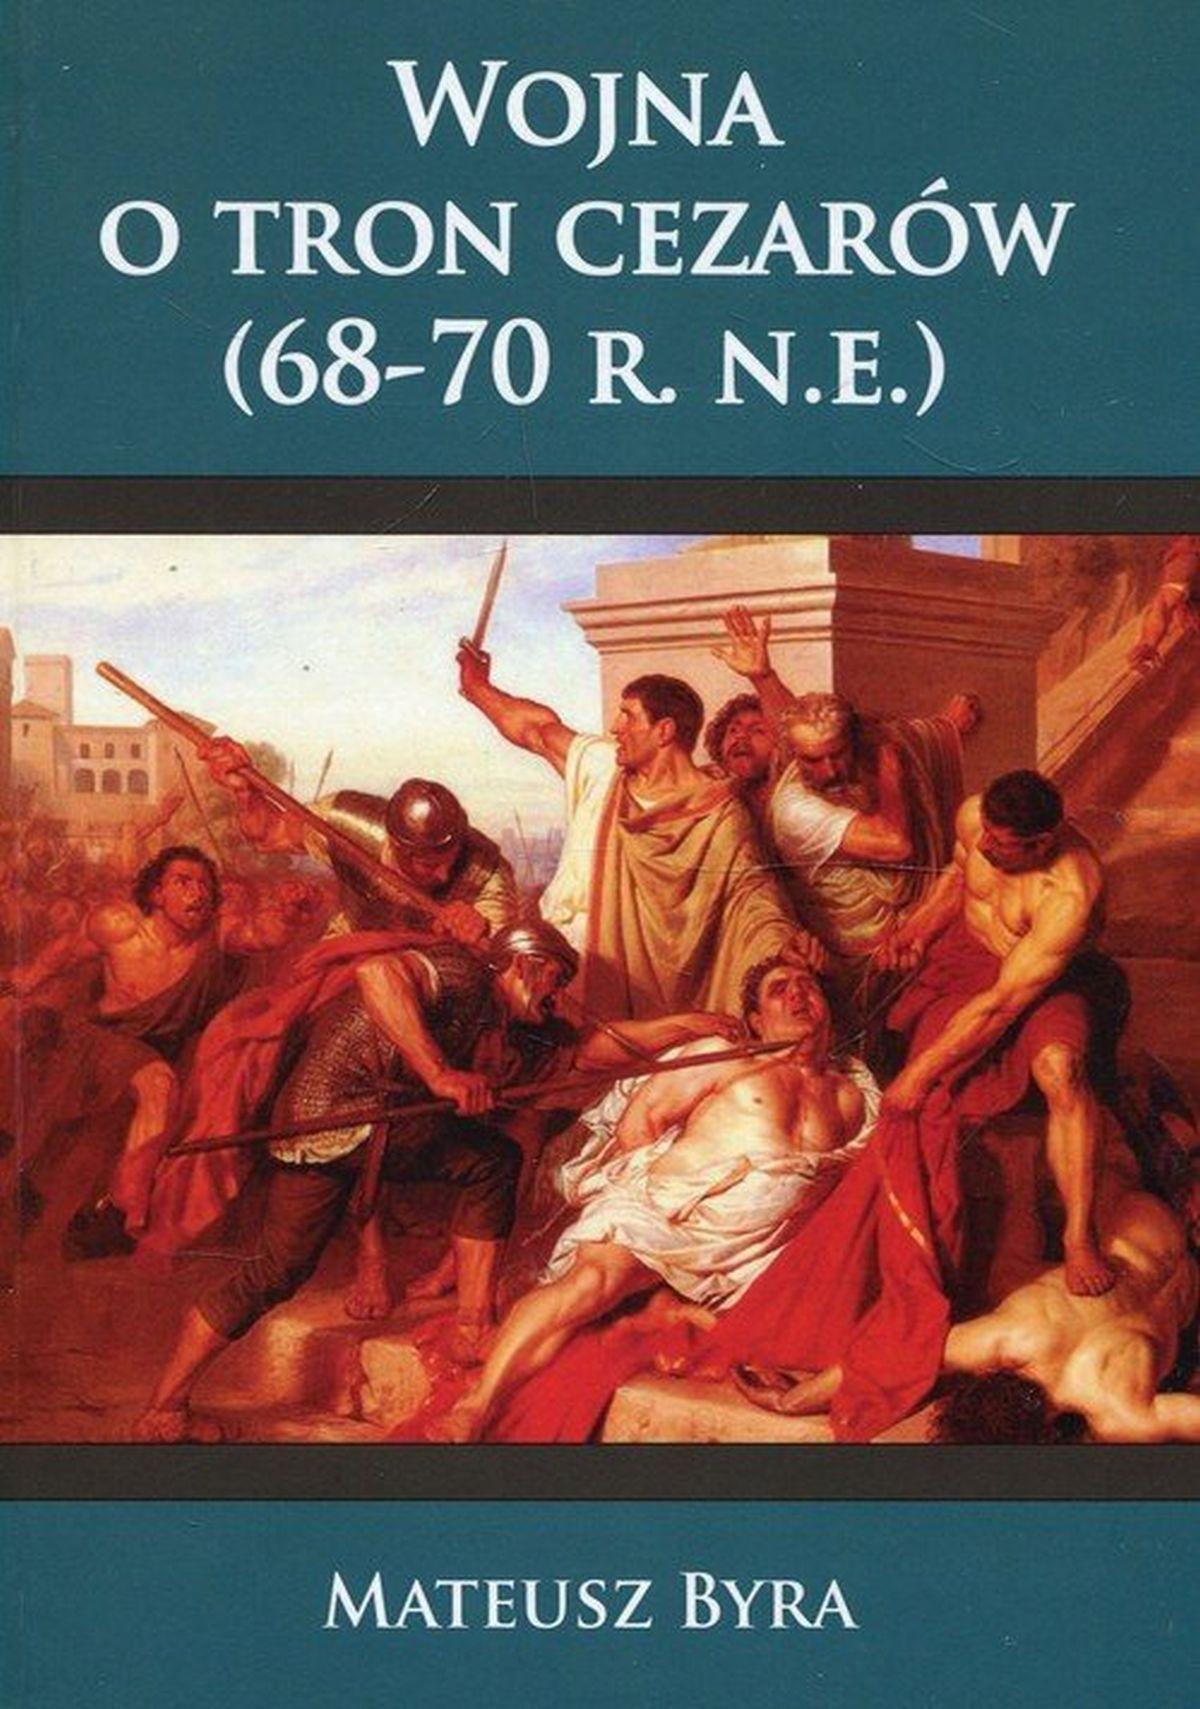 Wojna o tron Cezarów (68-70 r. n.e.)